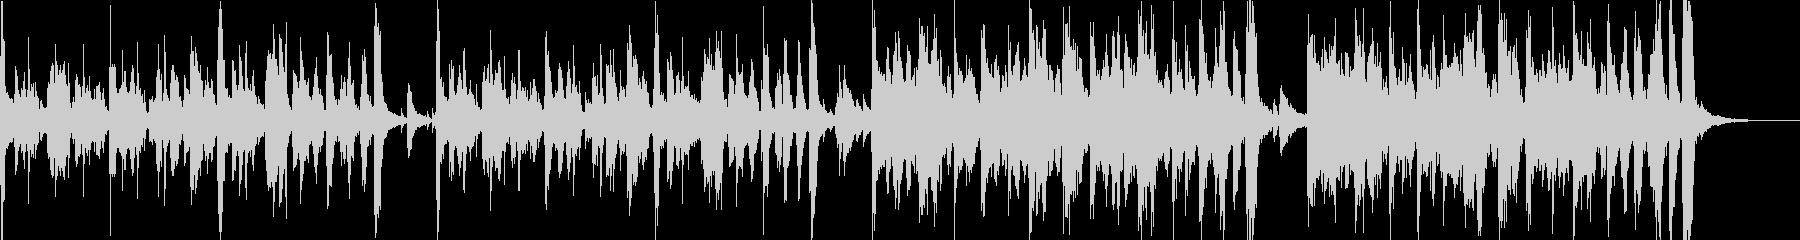 キングオブザナイトボールドアンドブ...の未再生の波形